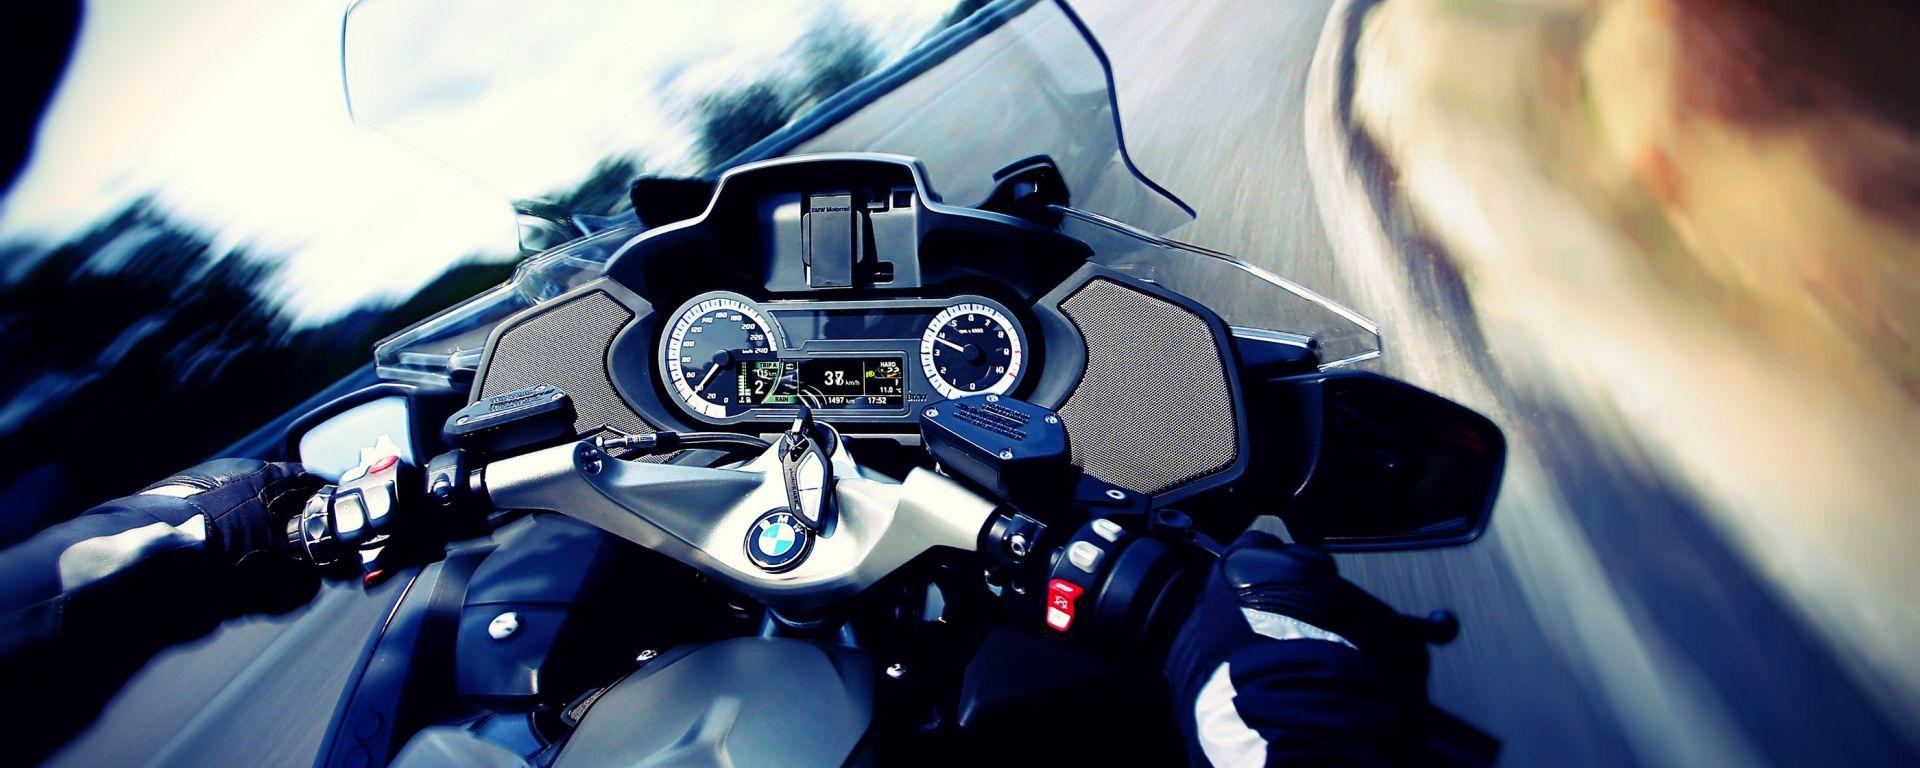 Viaggiando in moto ho capito che...